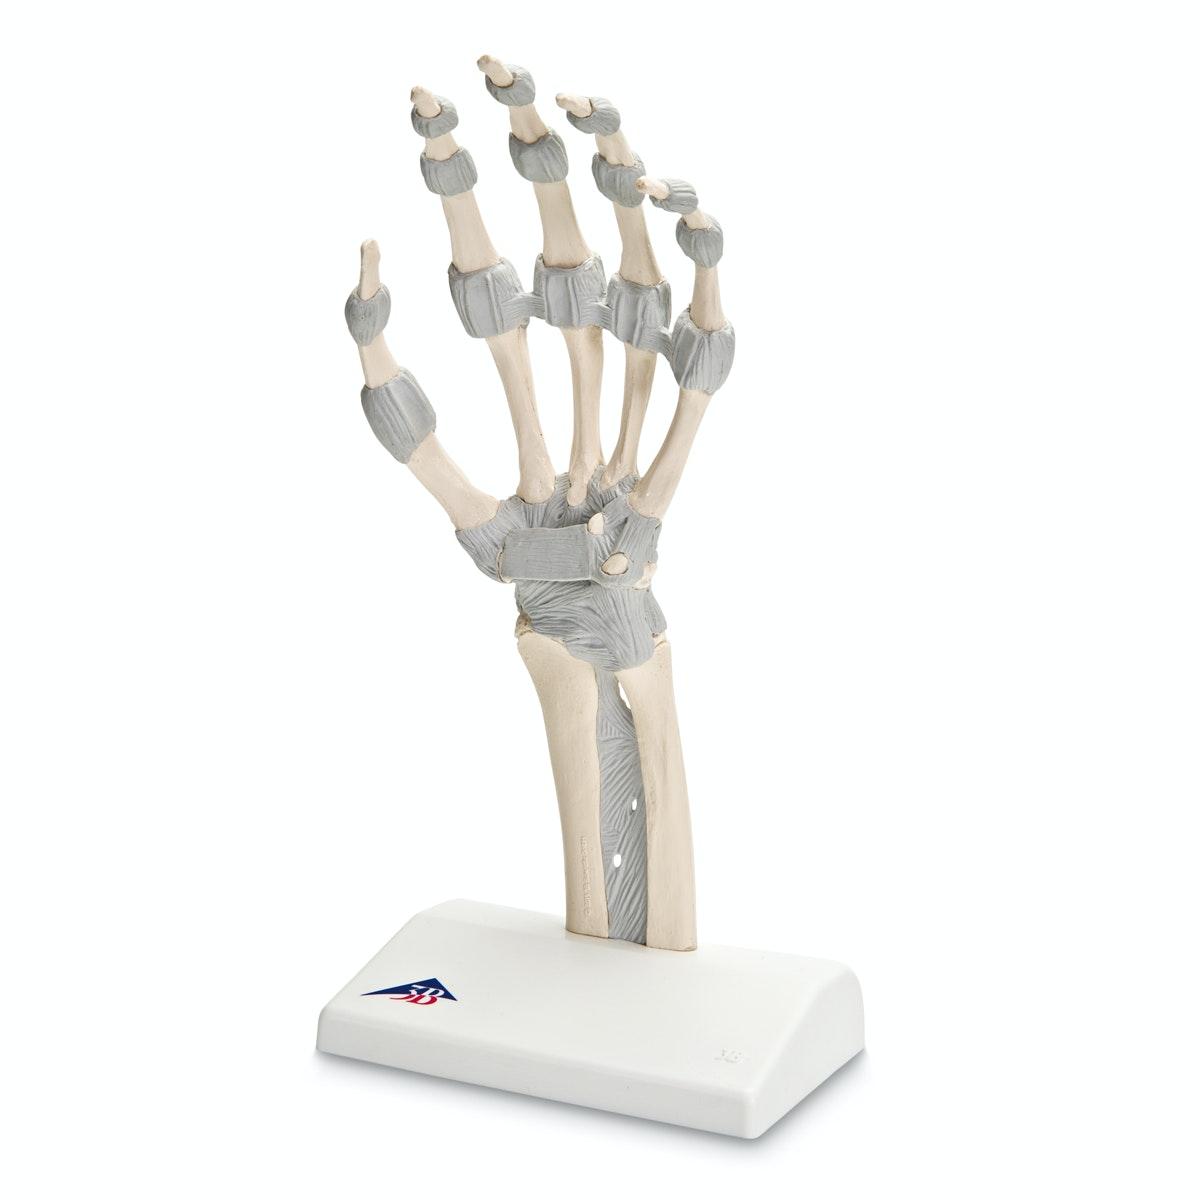 Fleksibel håndmodel med elastiske ledbånd